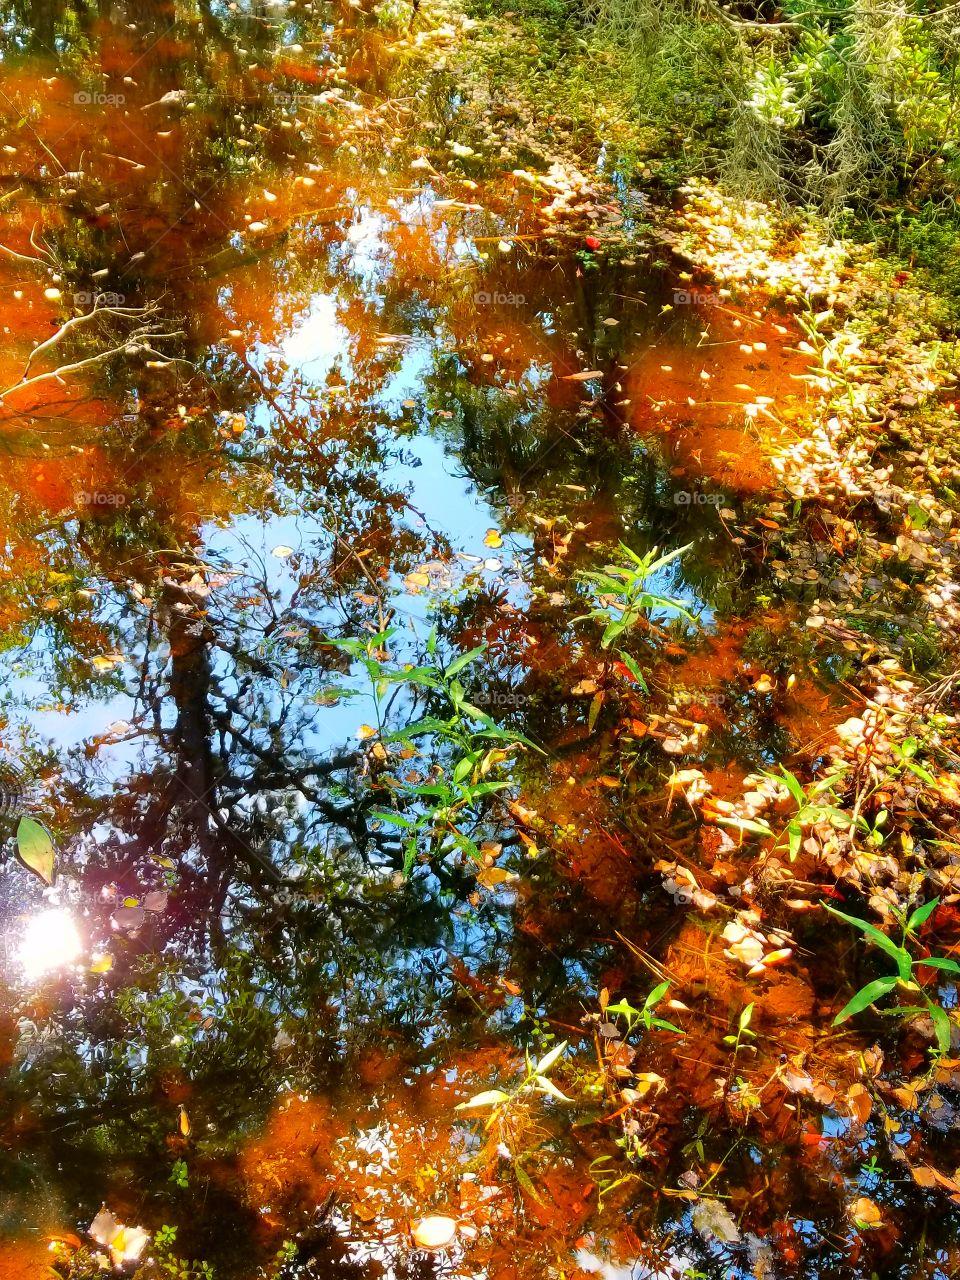 brackish pond